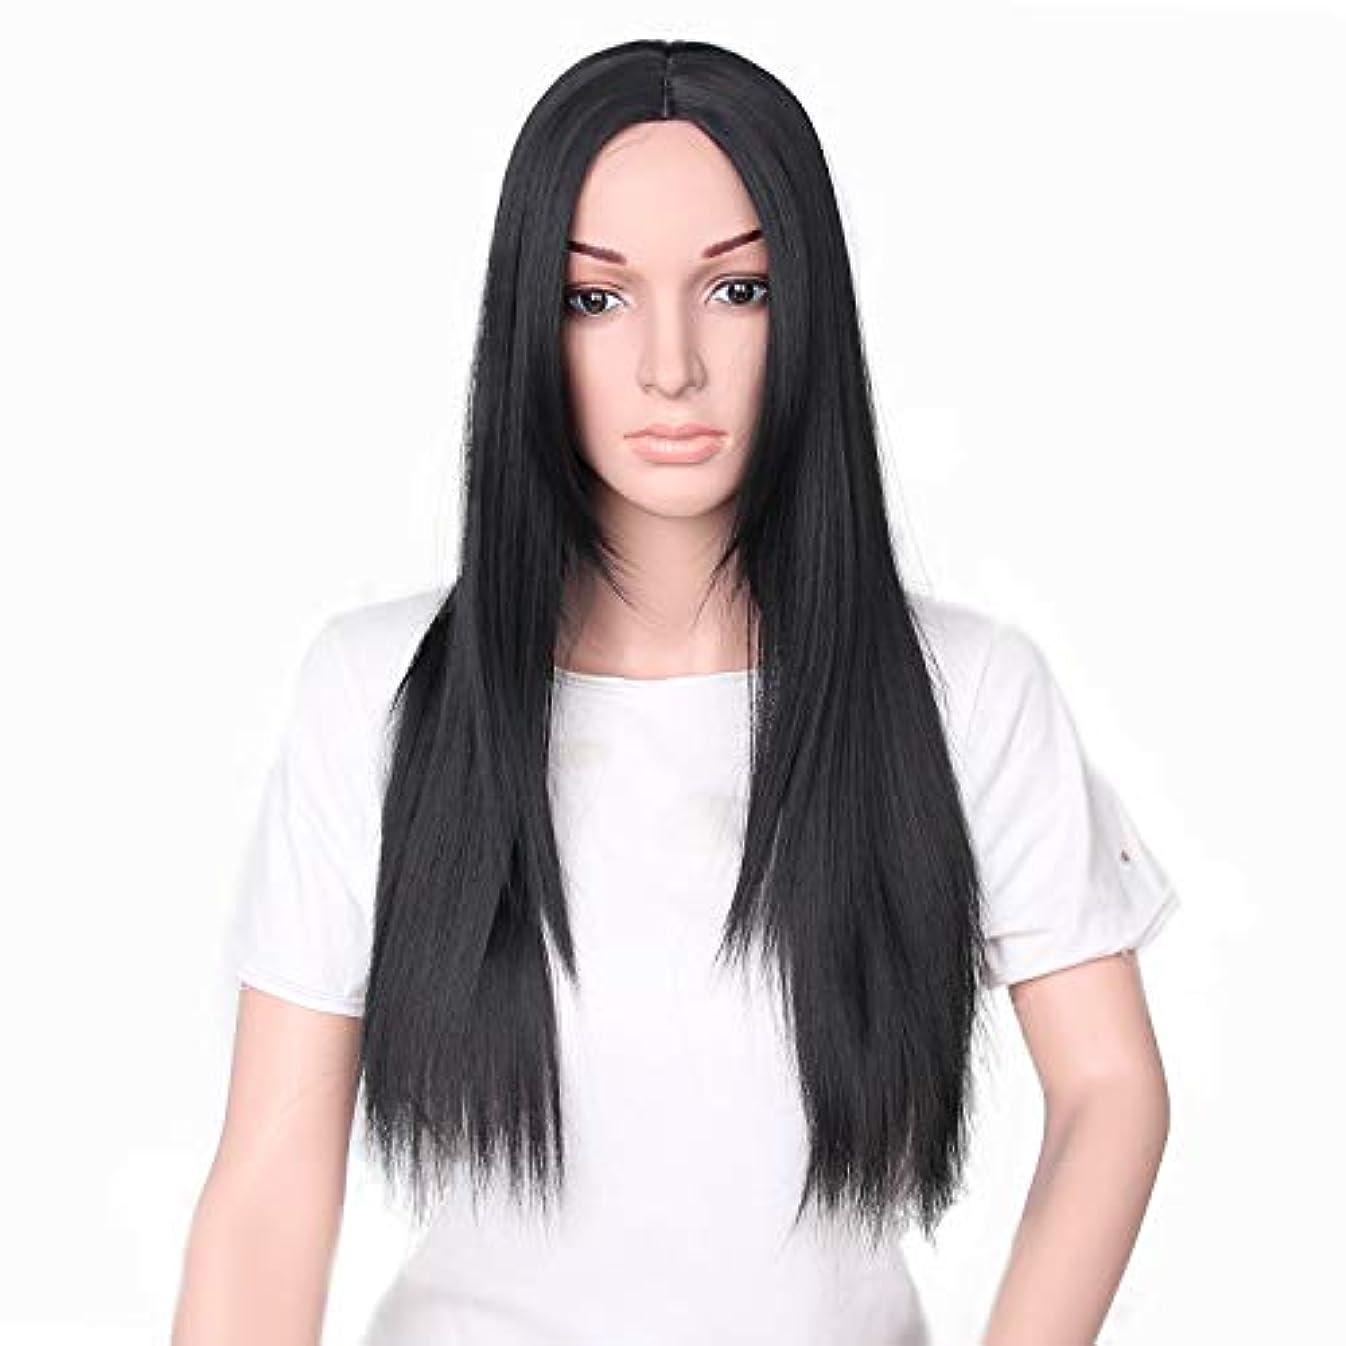 パパ期待してマーカーYZUEYT 66cm女性ナチュラルセンター分割ロングストレートブラックヘアウィッグ YZUEYT (Size : One size)